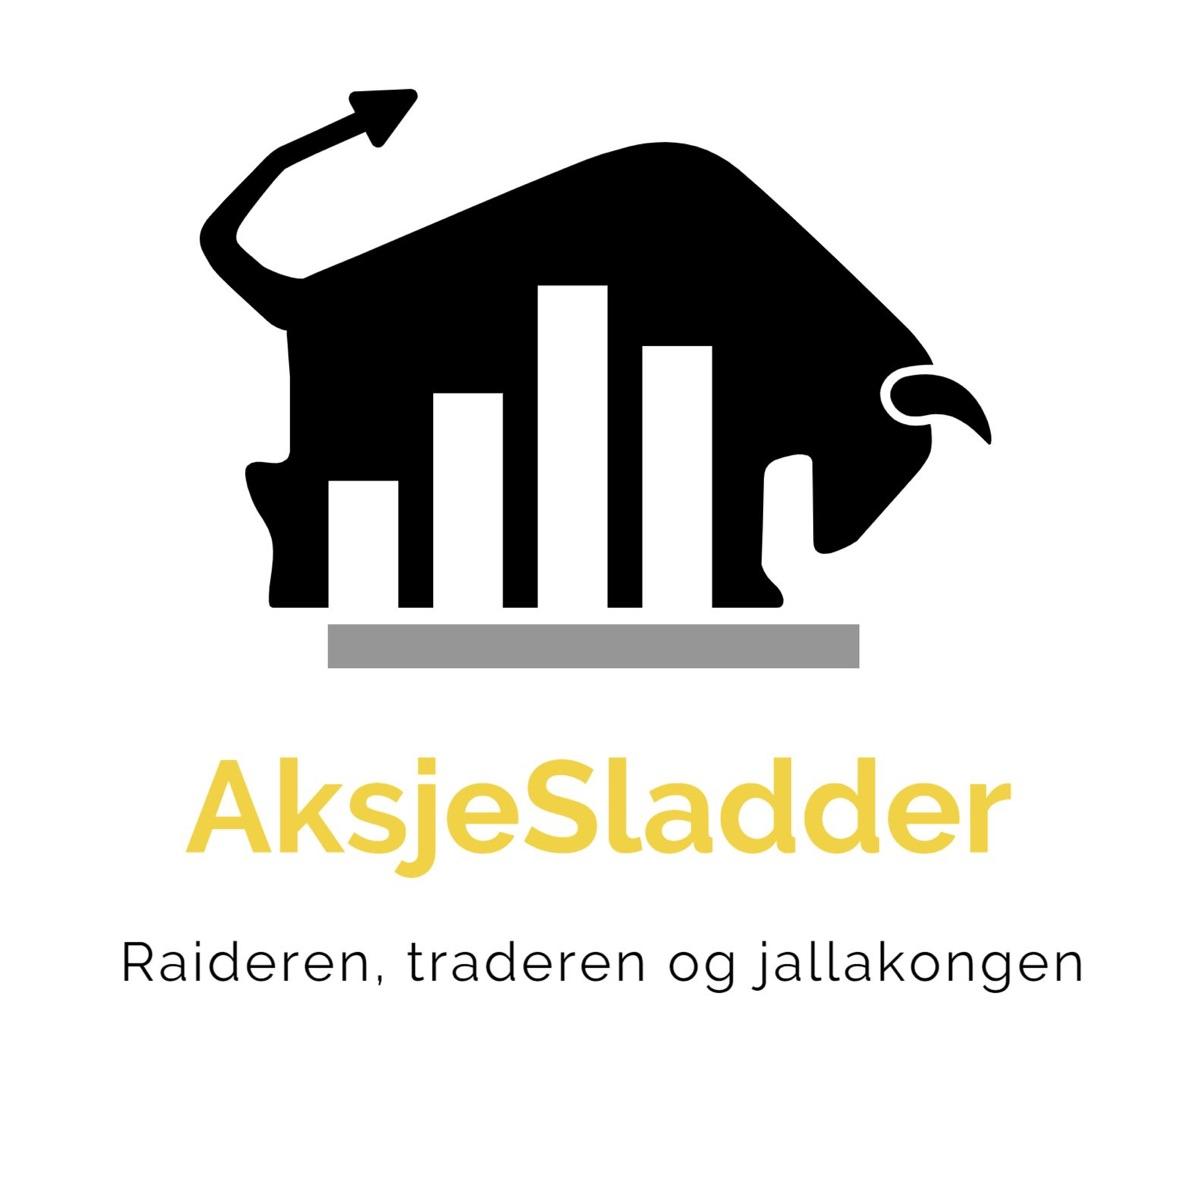 AksjeSladder